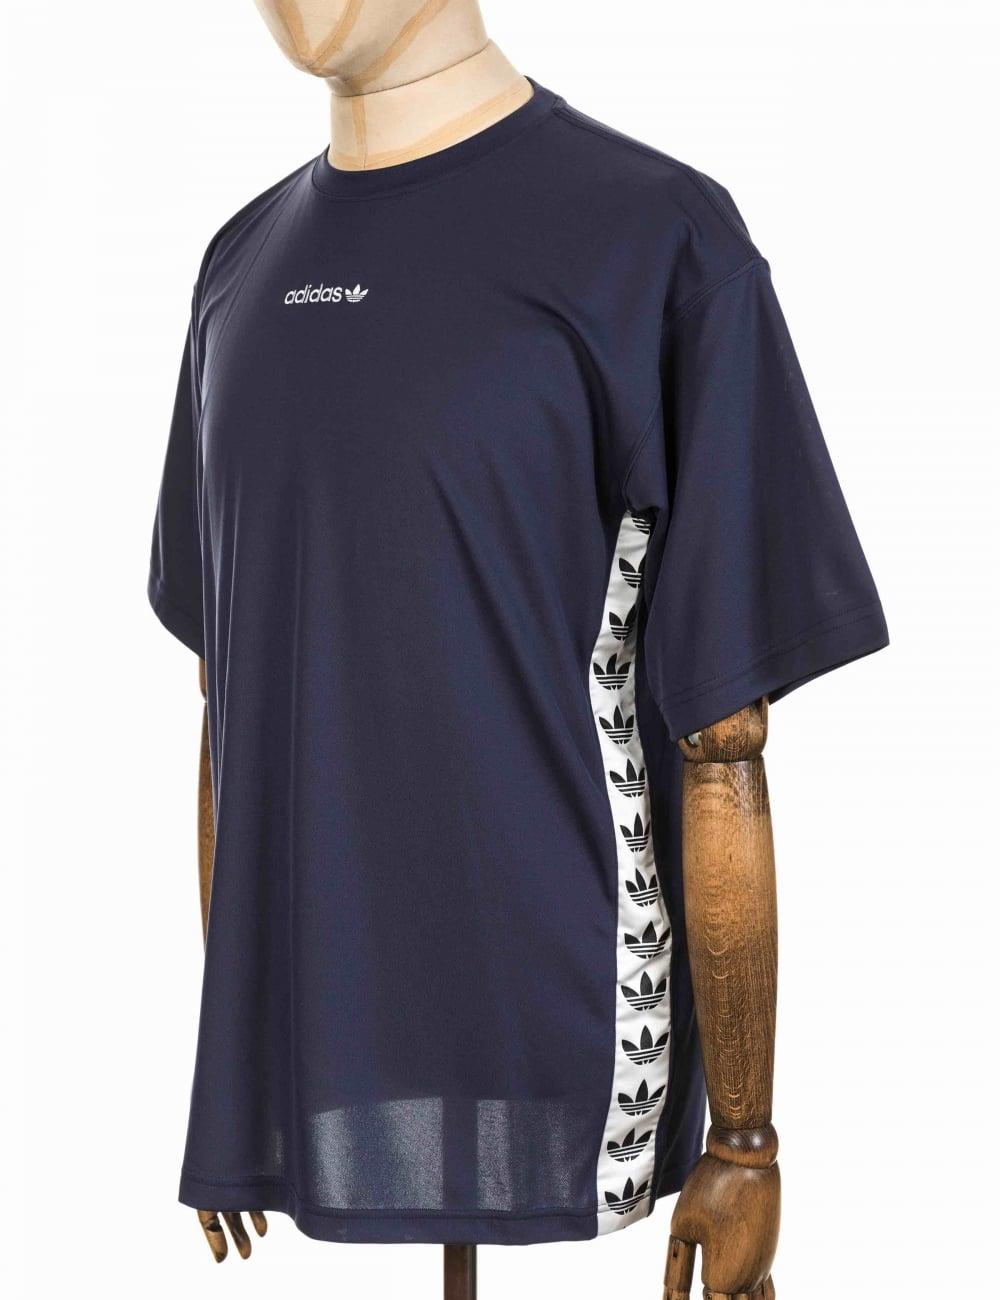 TNT Tape T-shirt - Trace Blue/White